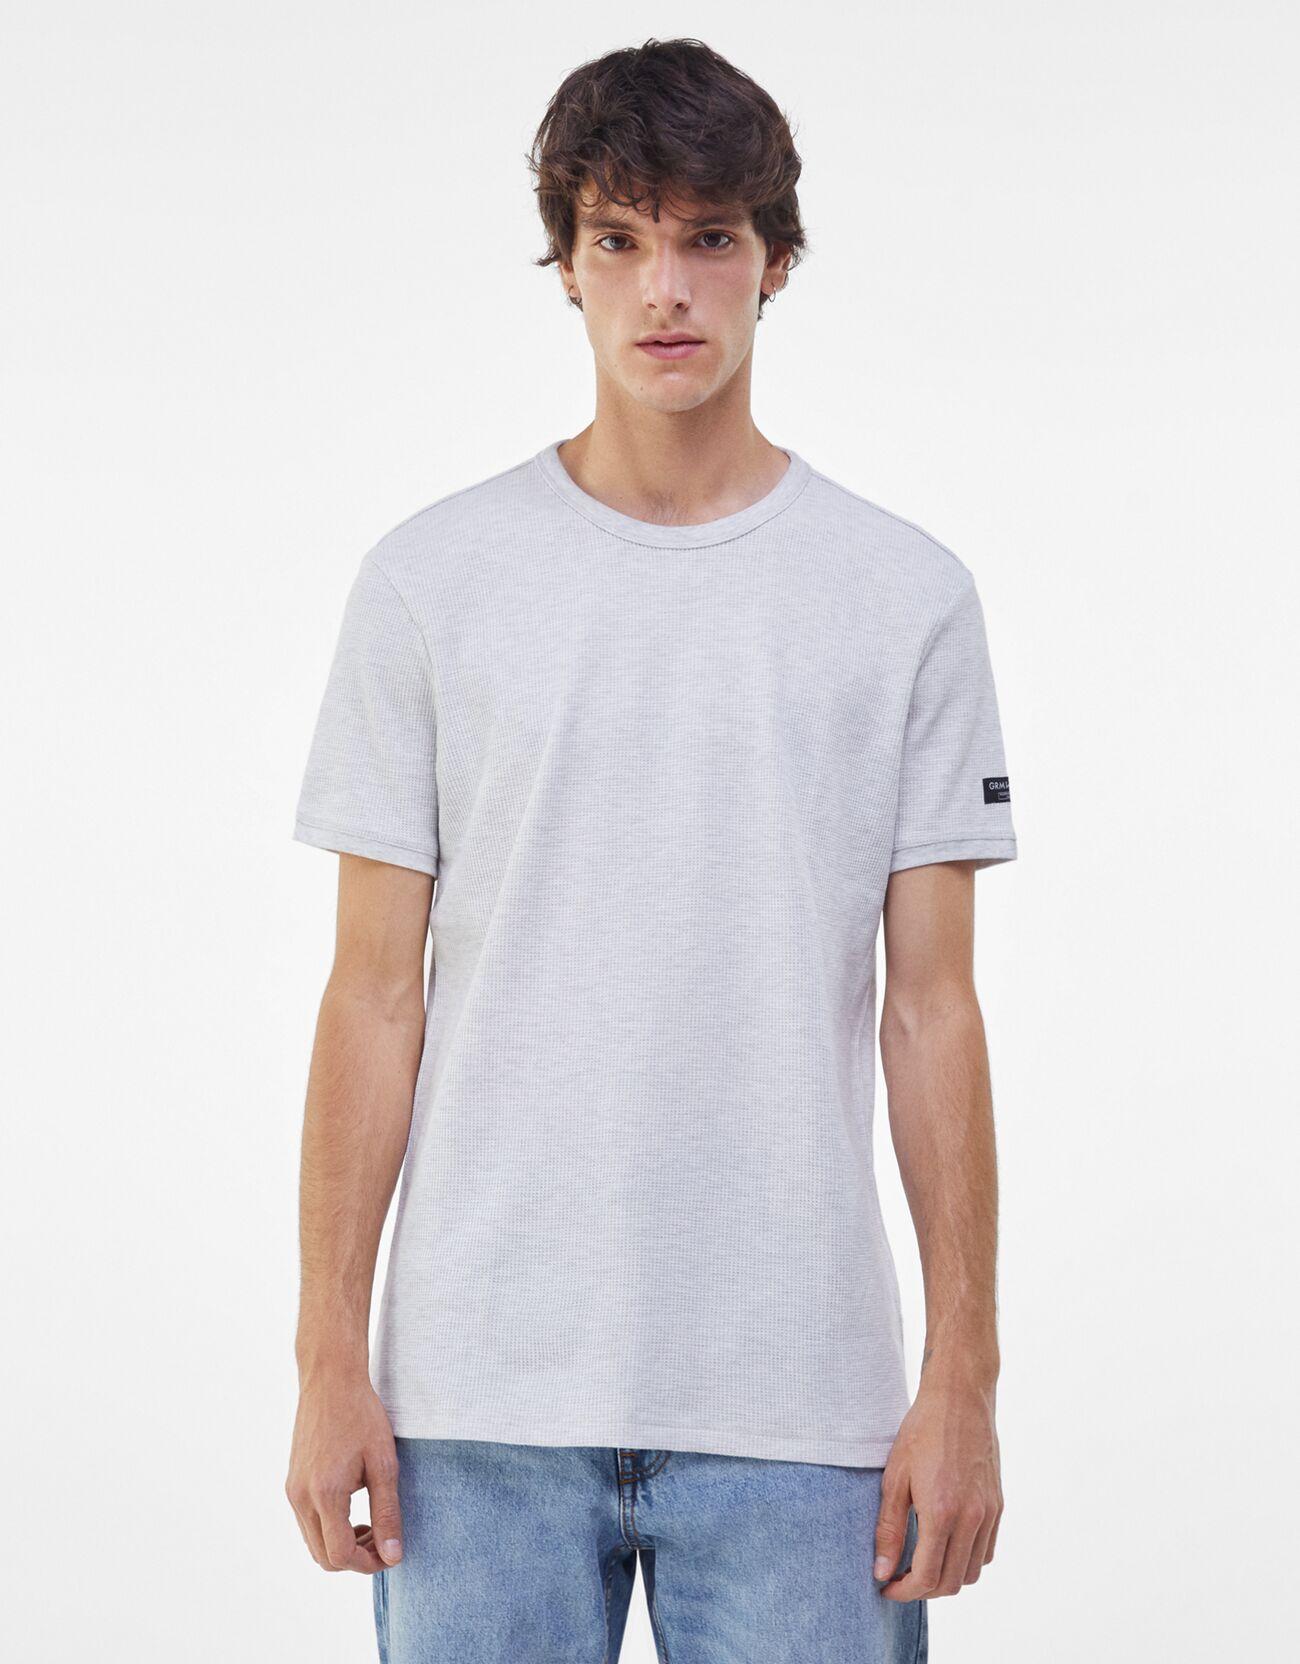 bershka -  T-Shirt Mit Waffelstruktur Herren M Grau